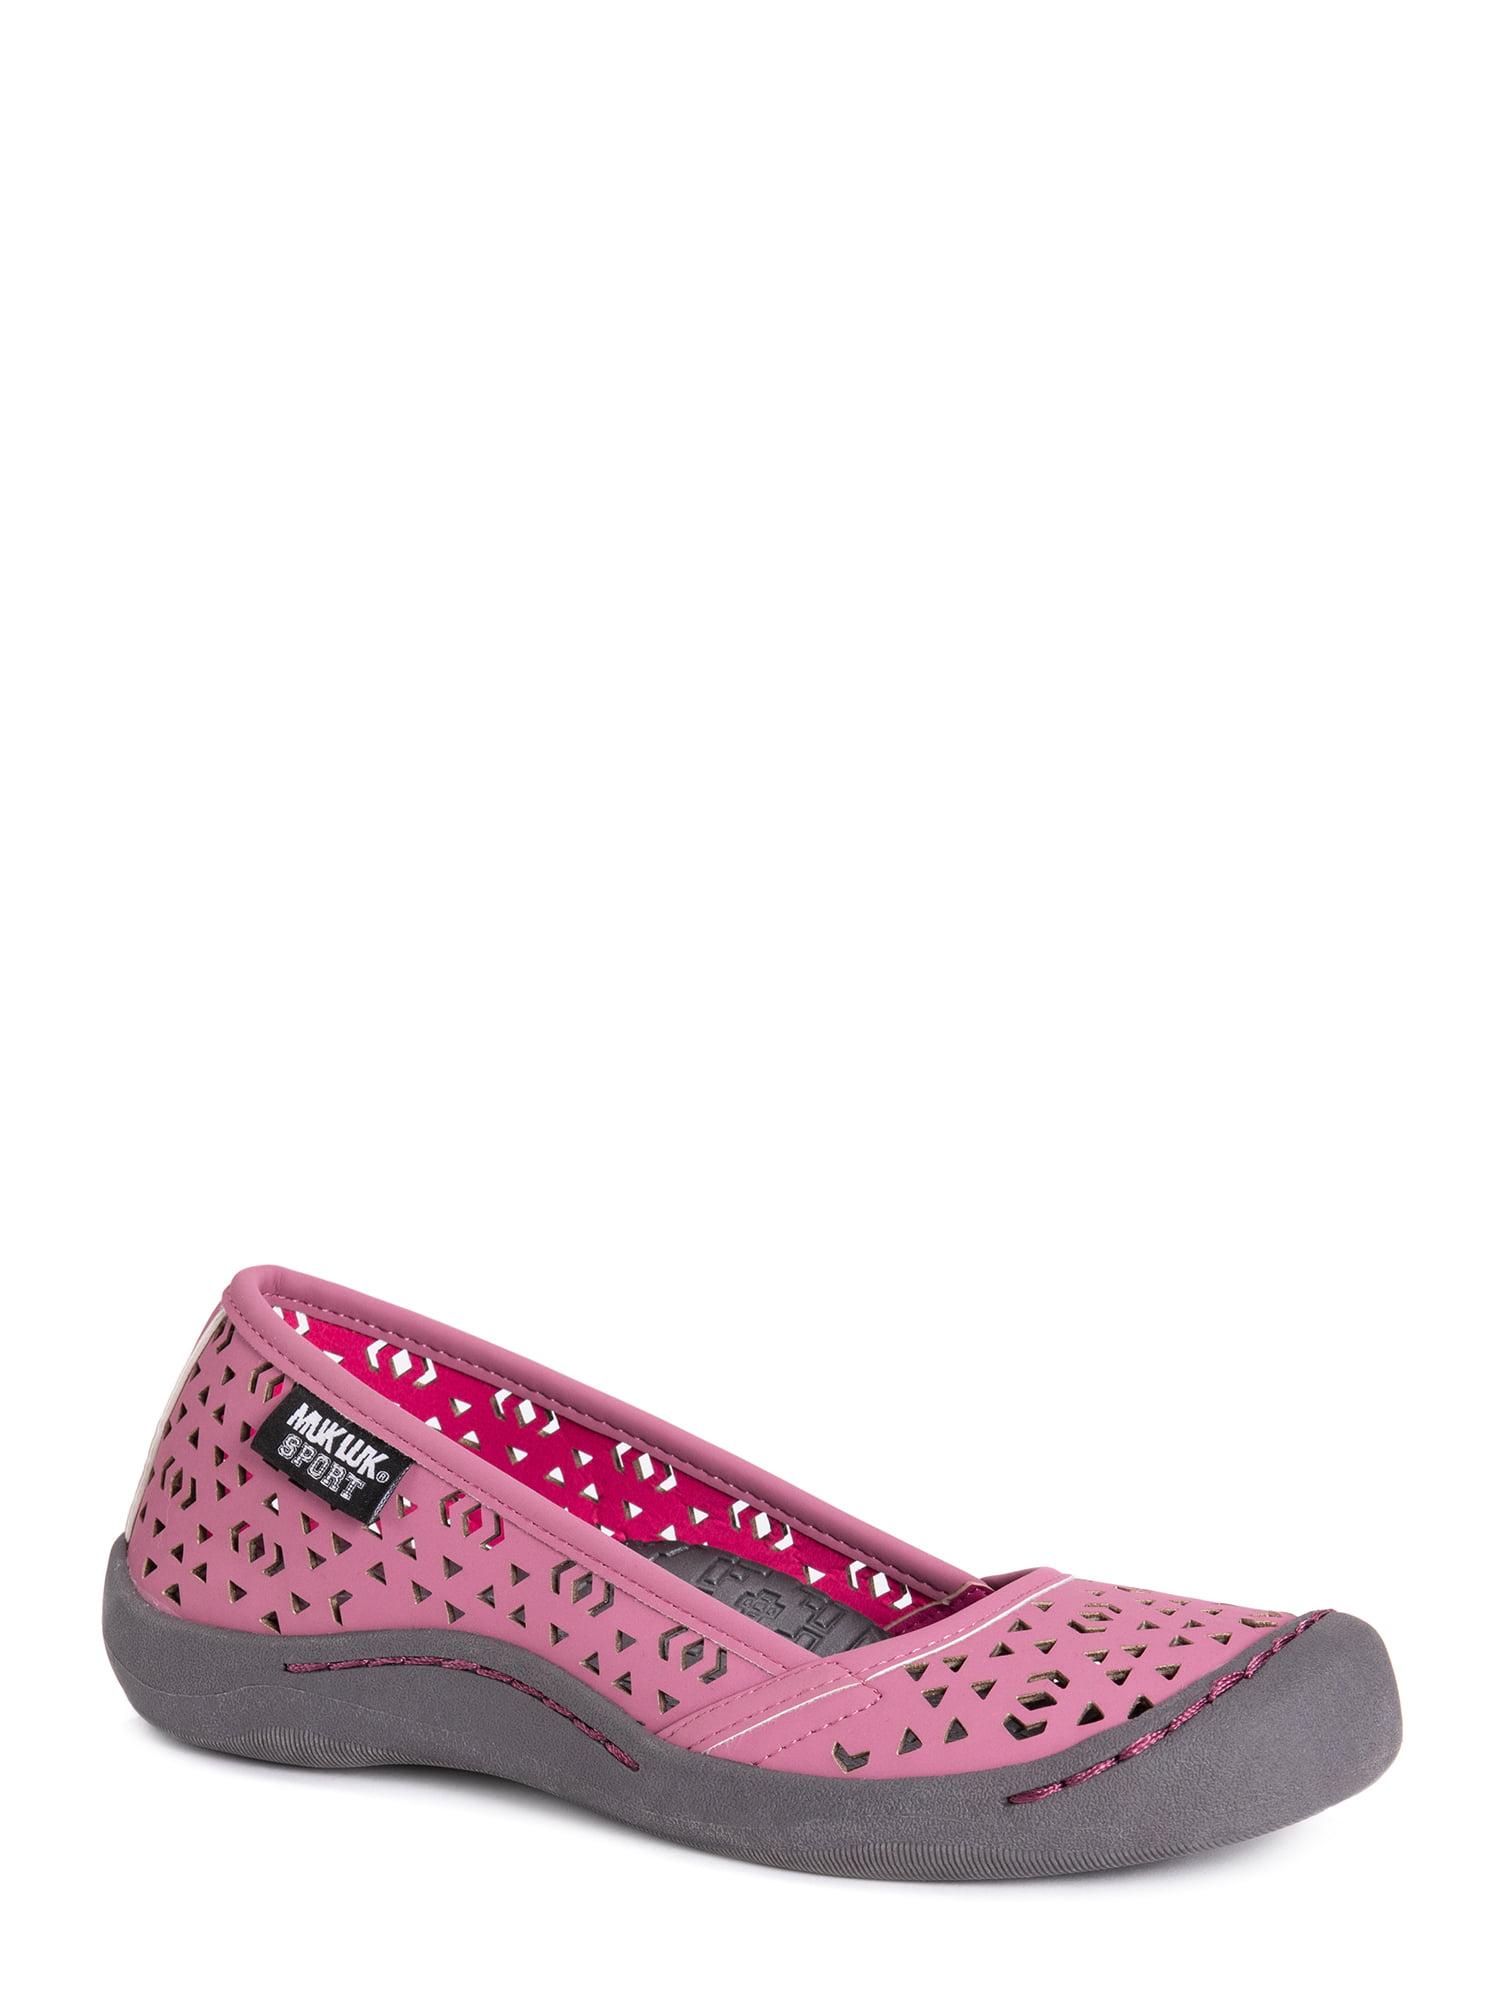 Muk Luks Muk Luks Women S Sandy Shoes Walmart Com Walmart Com